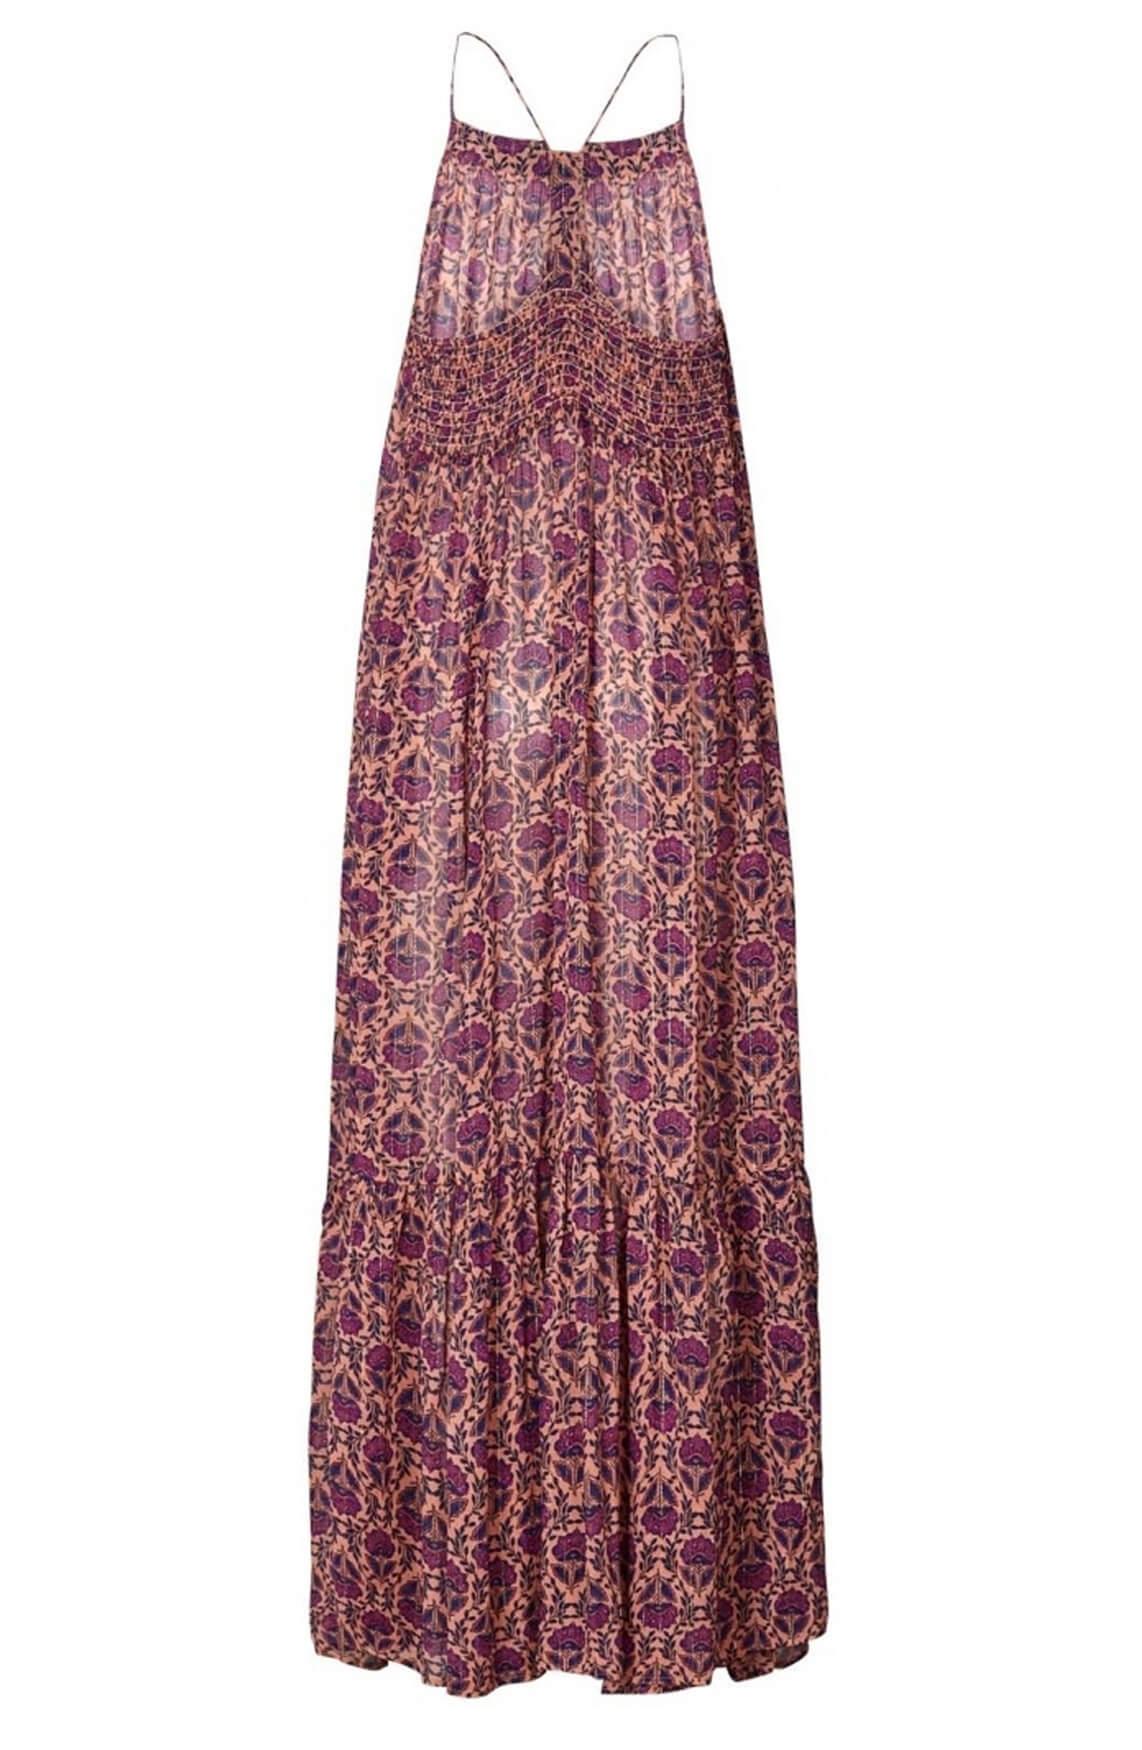 Lollys Laundry Dames Merian jurk roze